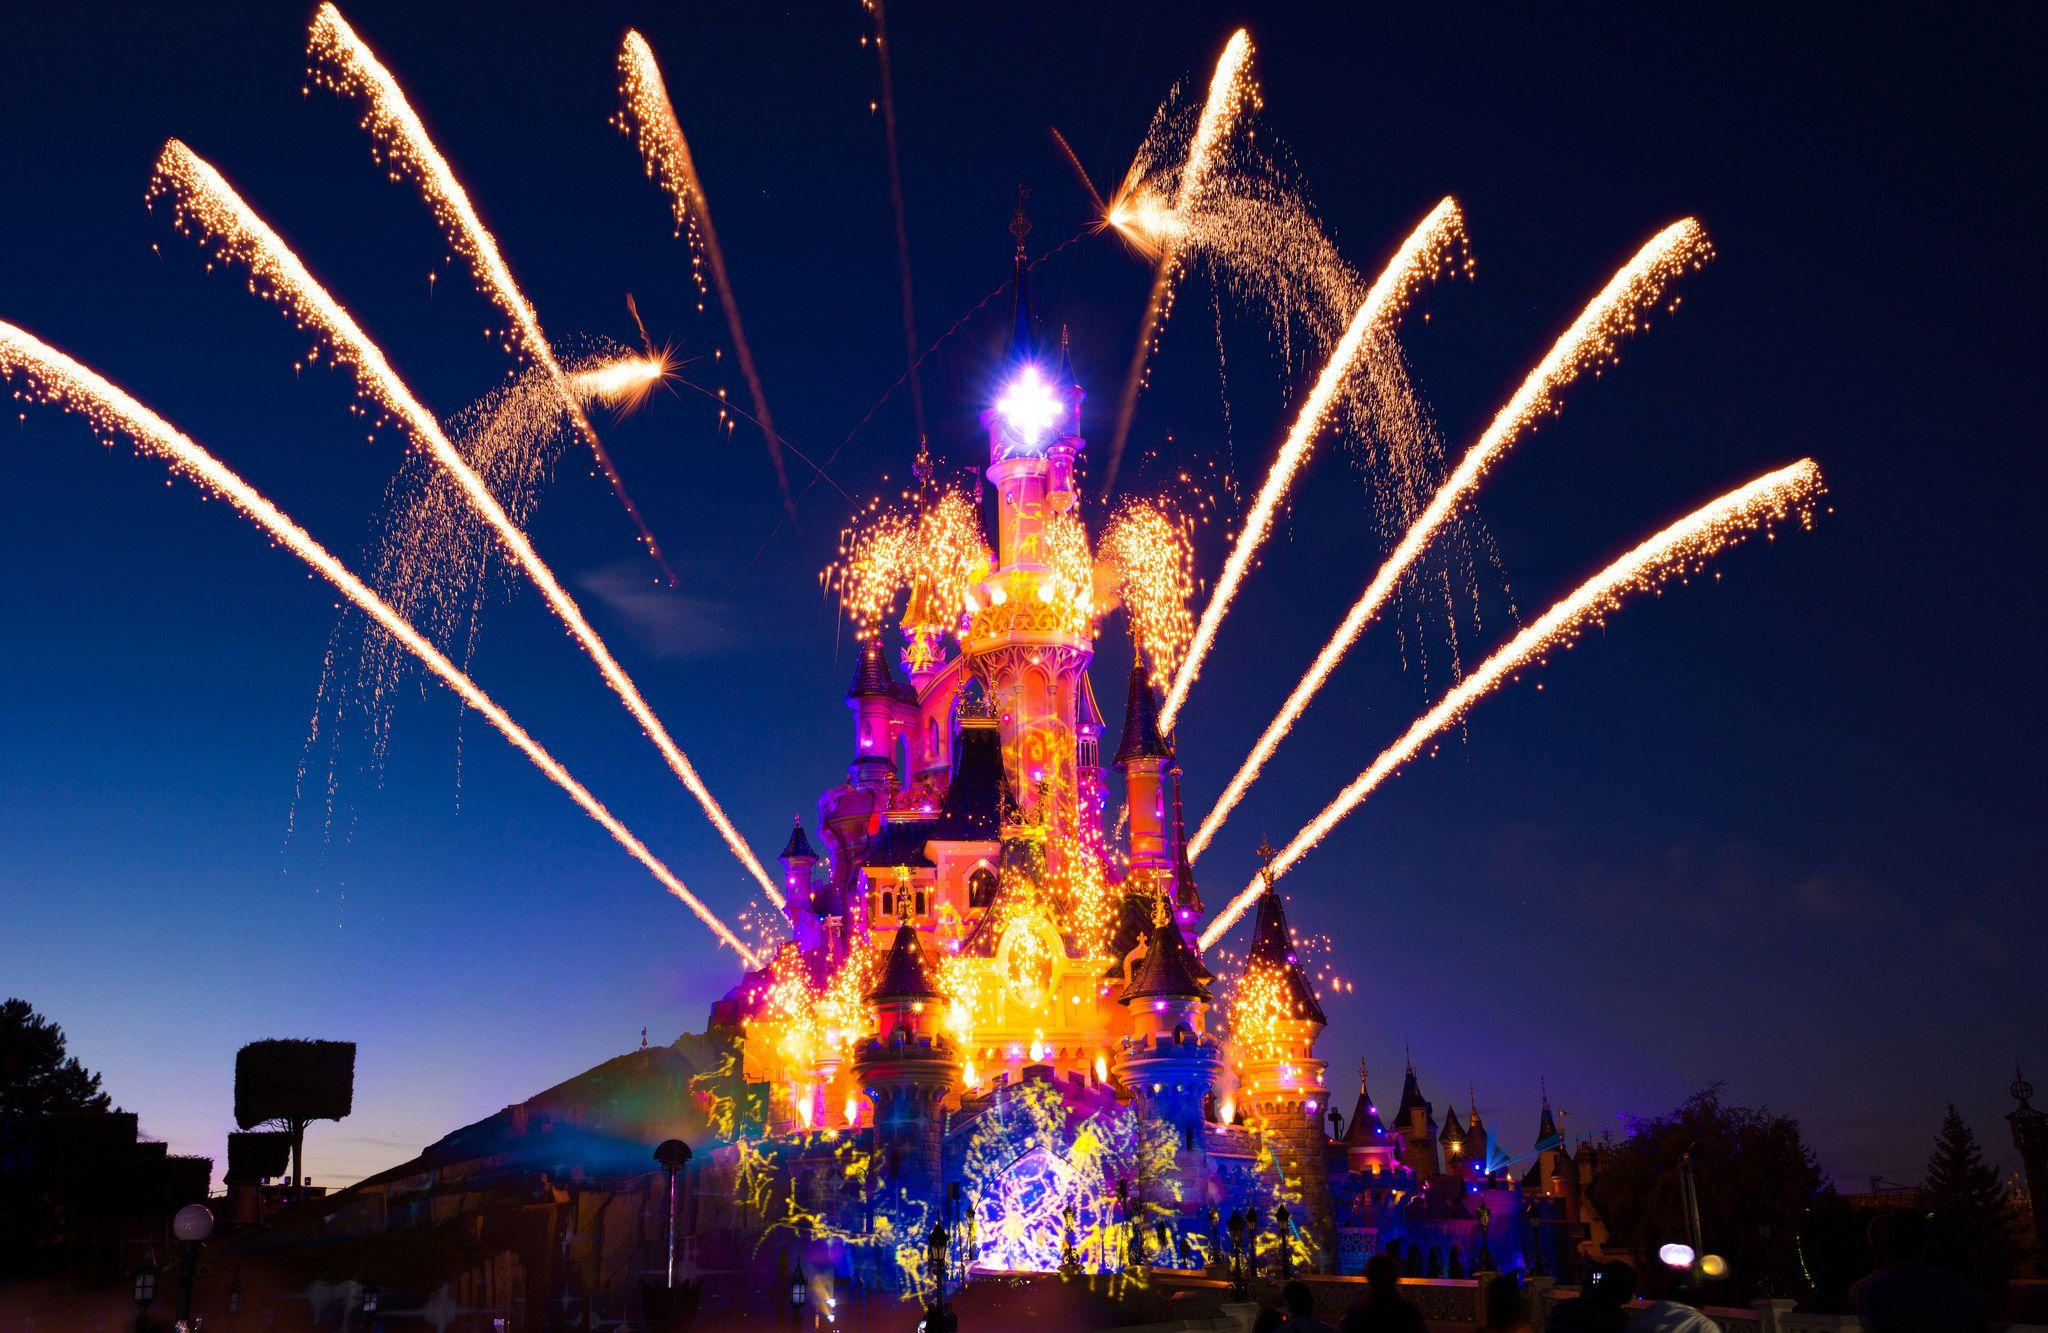 #Disneyland Paris. Spectacular photo of Disney Dreams! on the Sleeping Beauty Castle with Fireworks #DLP #DLRP 'Le Château de la Belle au Bois Dormant'